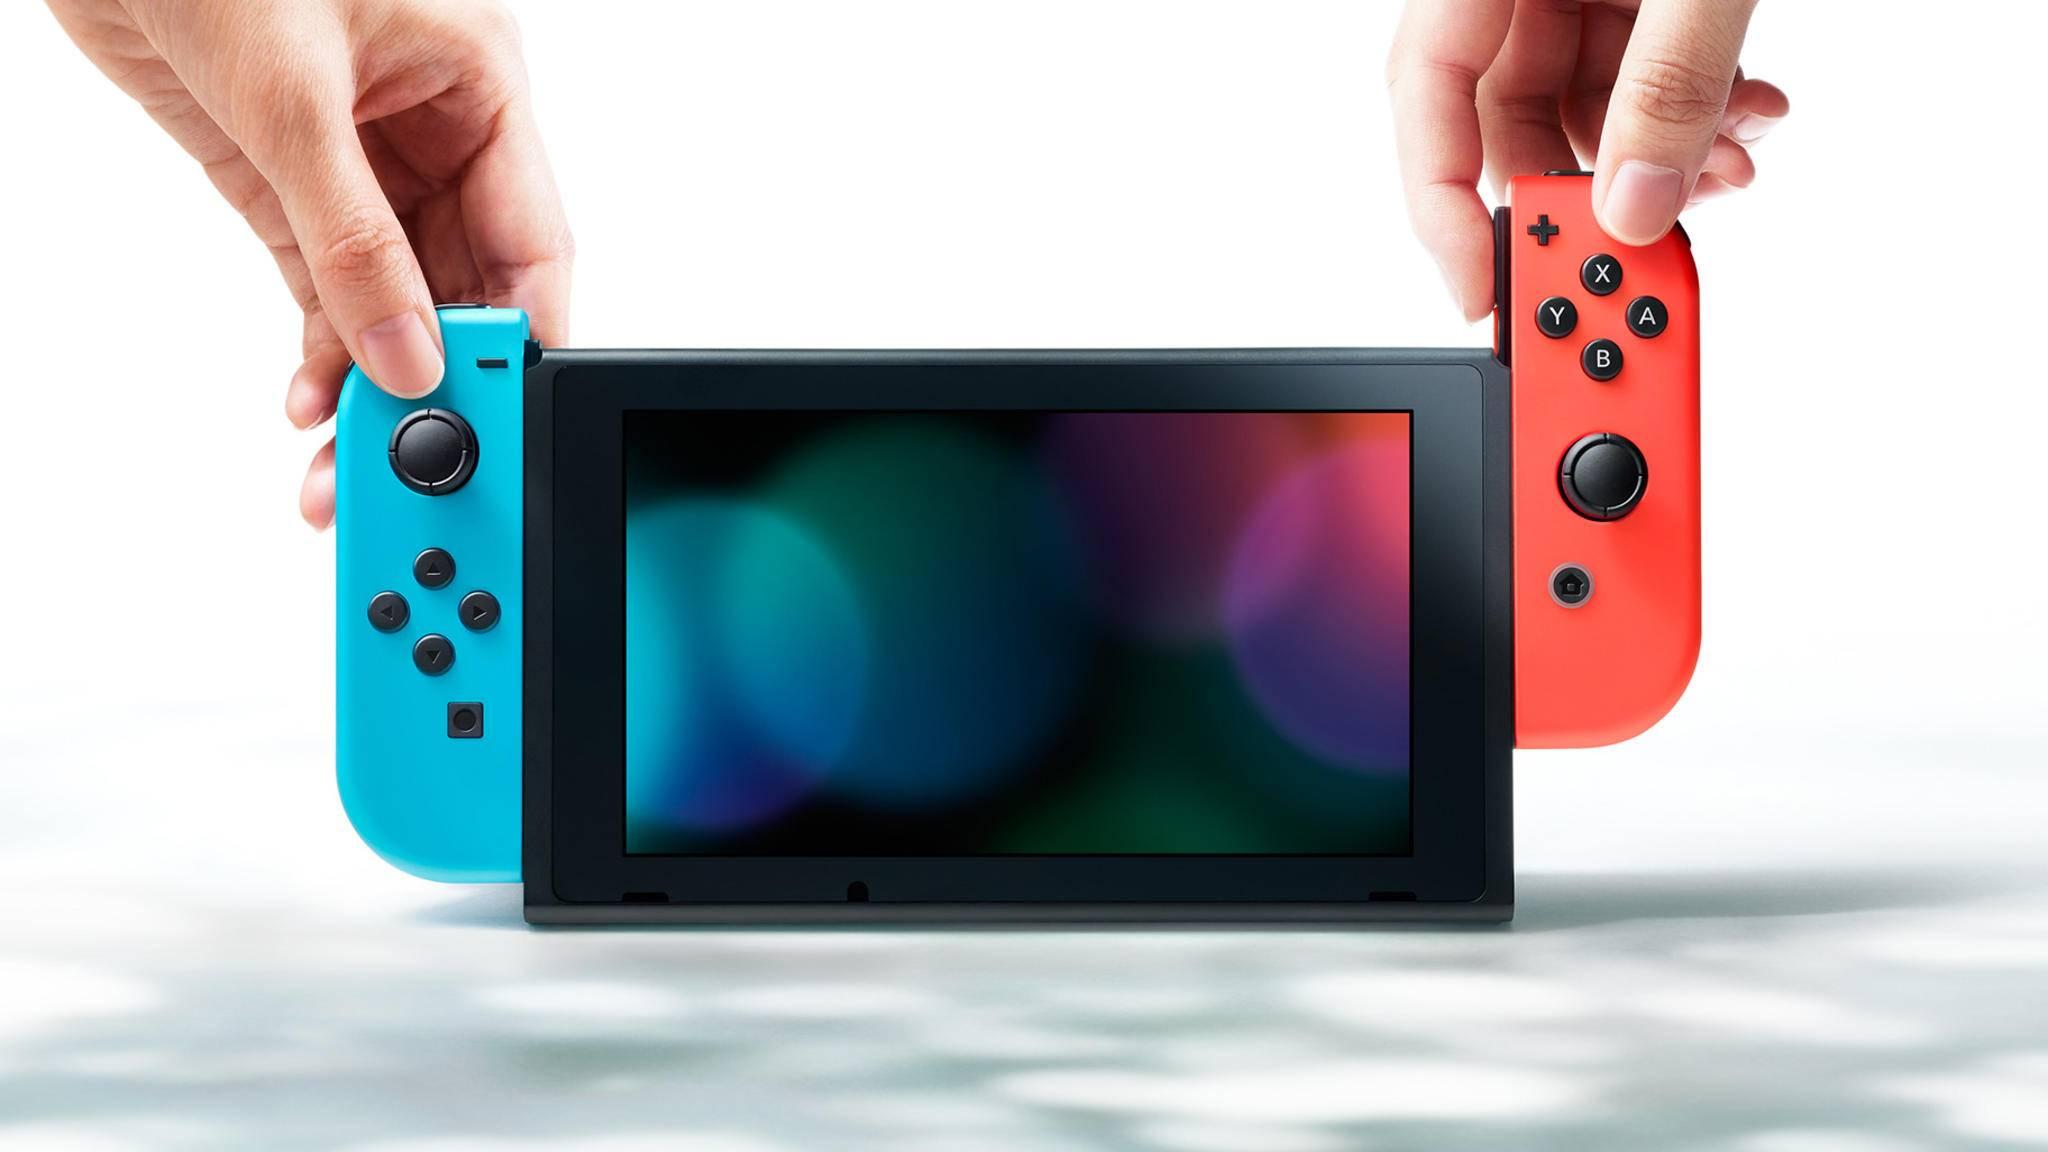 Erst im nächsten Jahr fallen für den Online-Multiplayer auf der Nintendo Switch Kosten an.